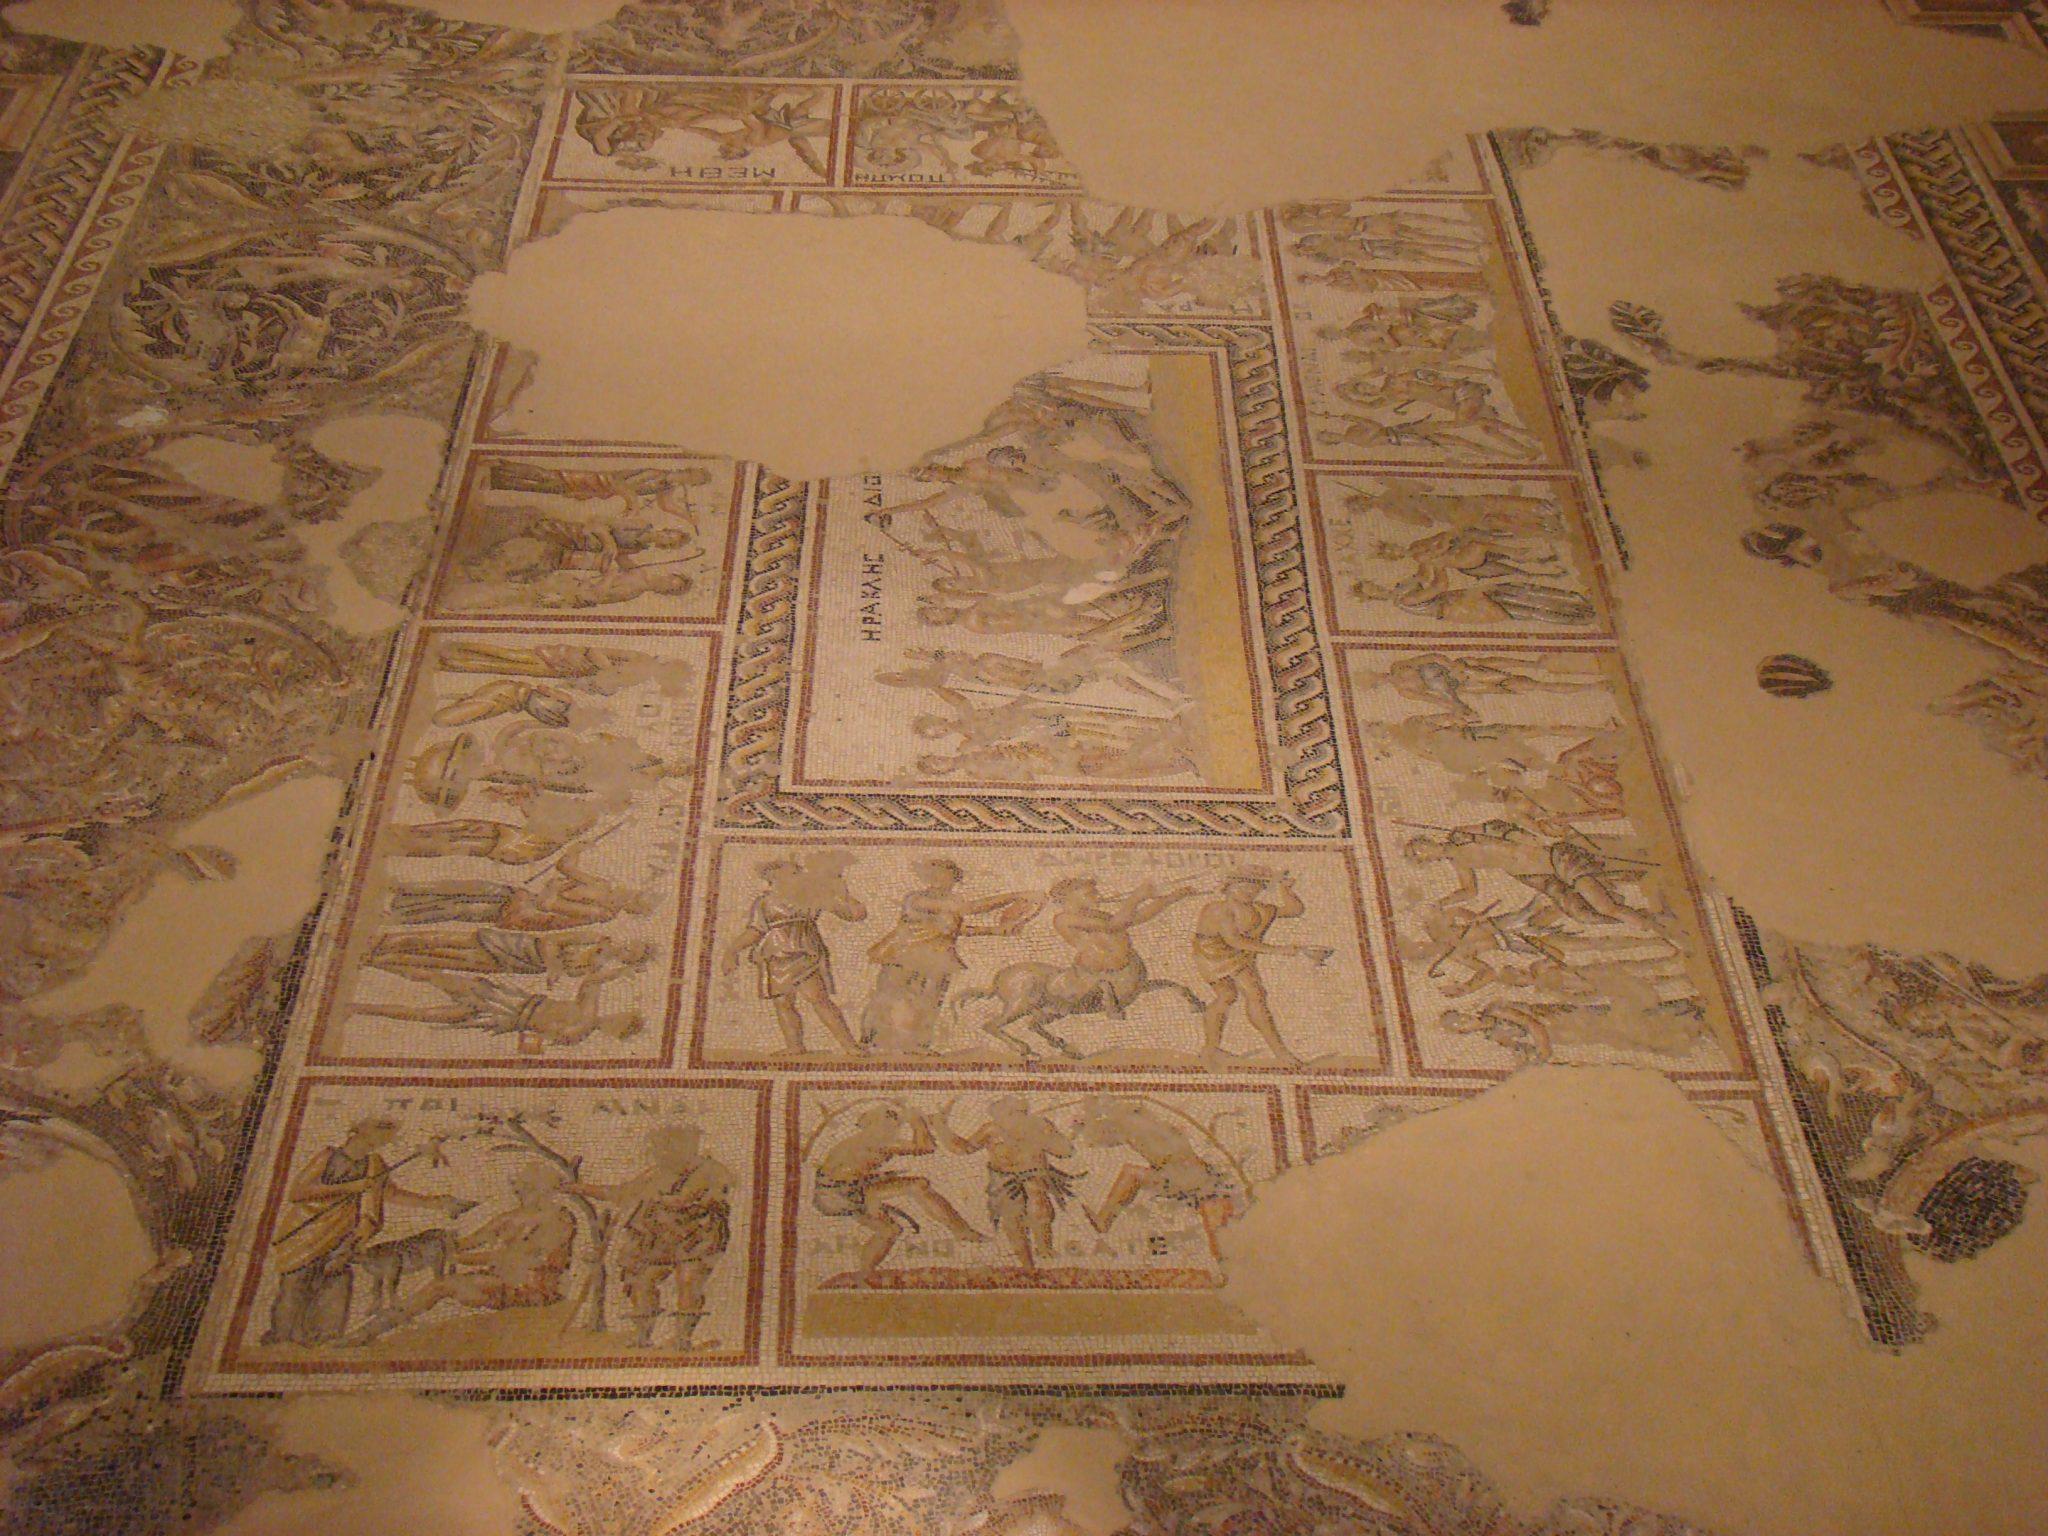 """פסיפס בית דיוניסוס, בגן לאומי ציפורי (צילום: ד""""ר ענת אביטל)"""